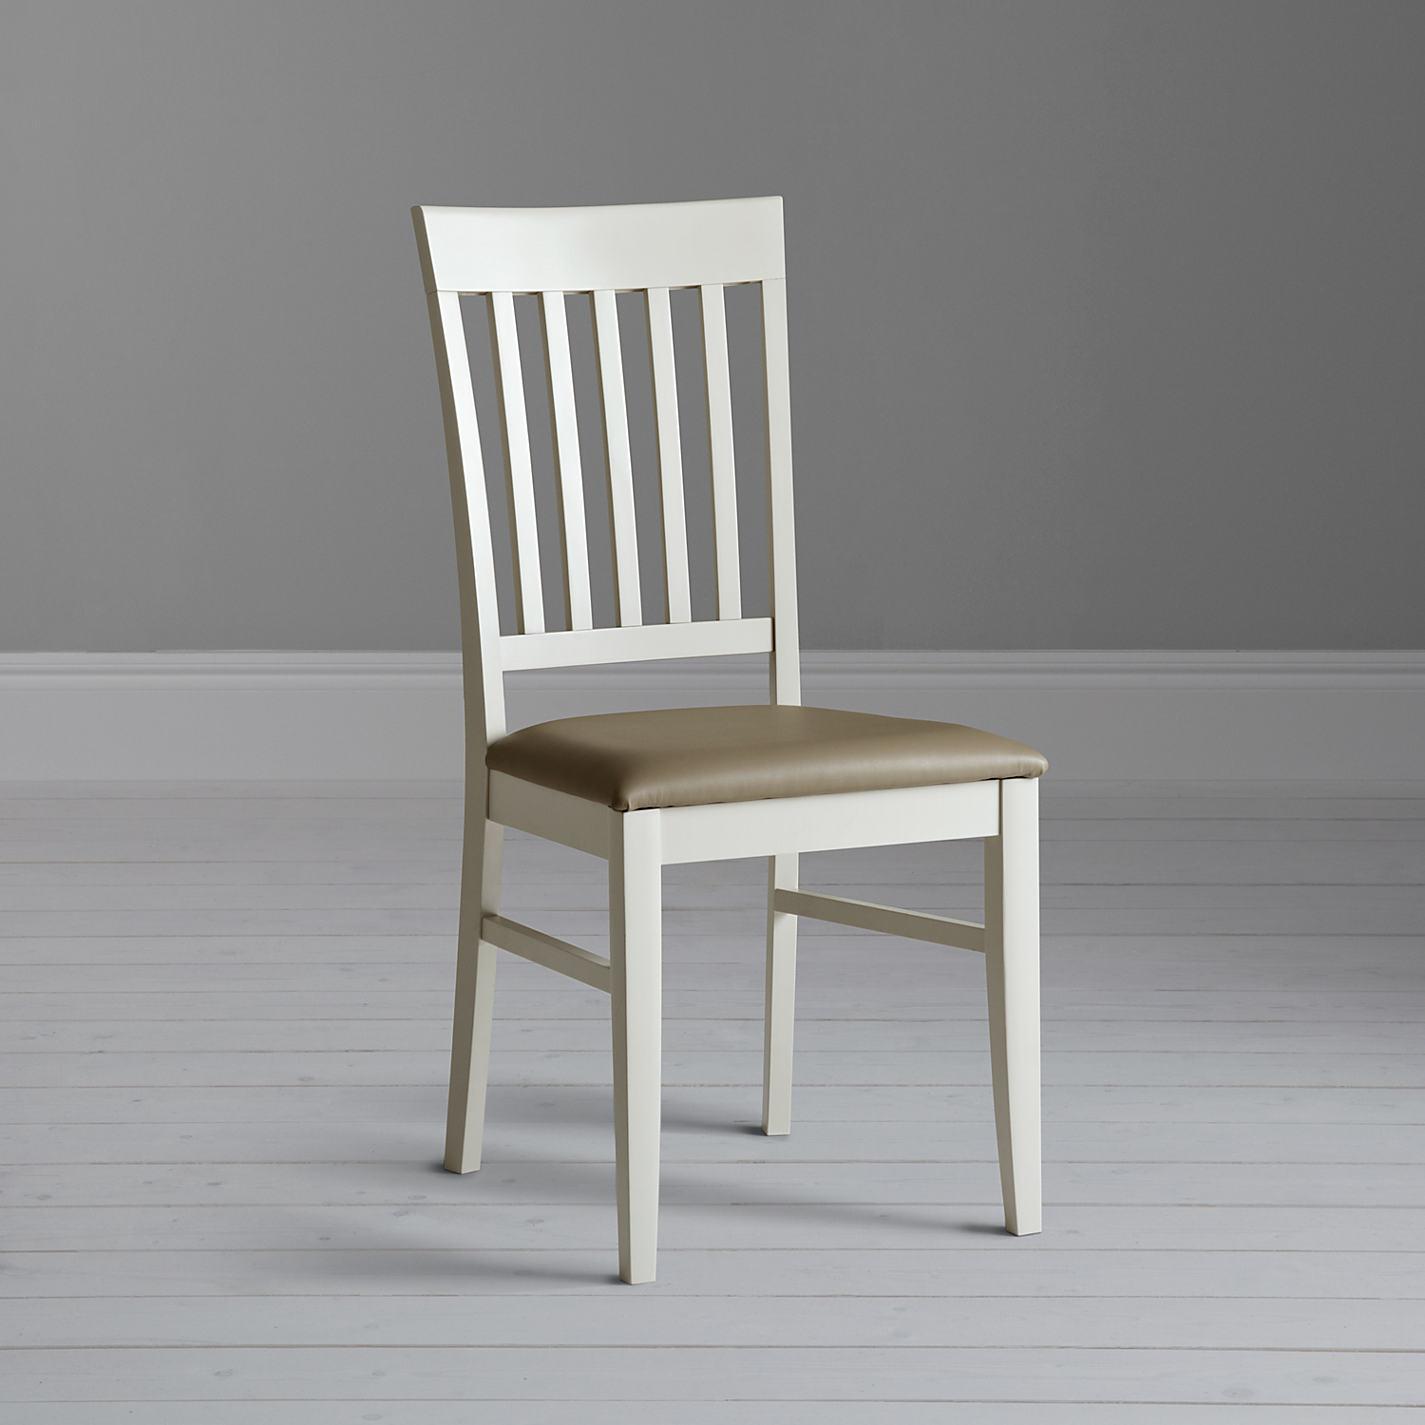 Buy John Lewis Alba Slat Back Dining Chair | John Lewis